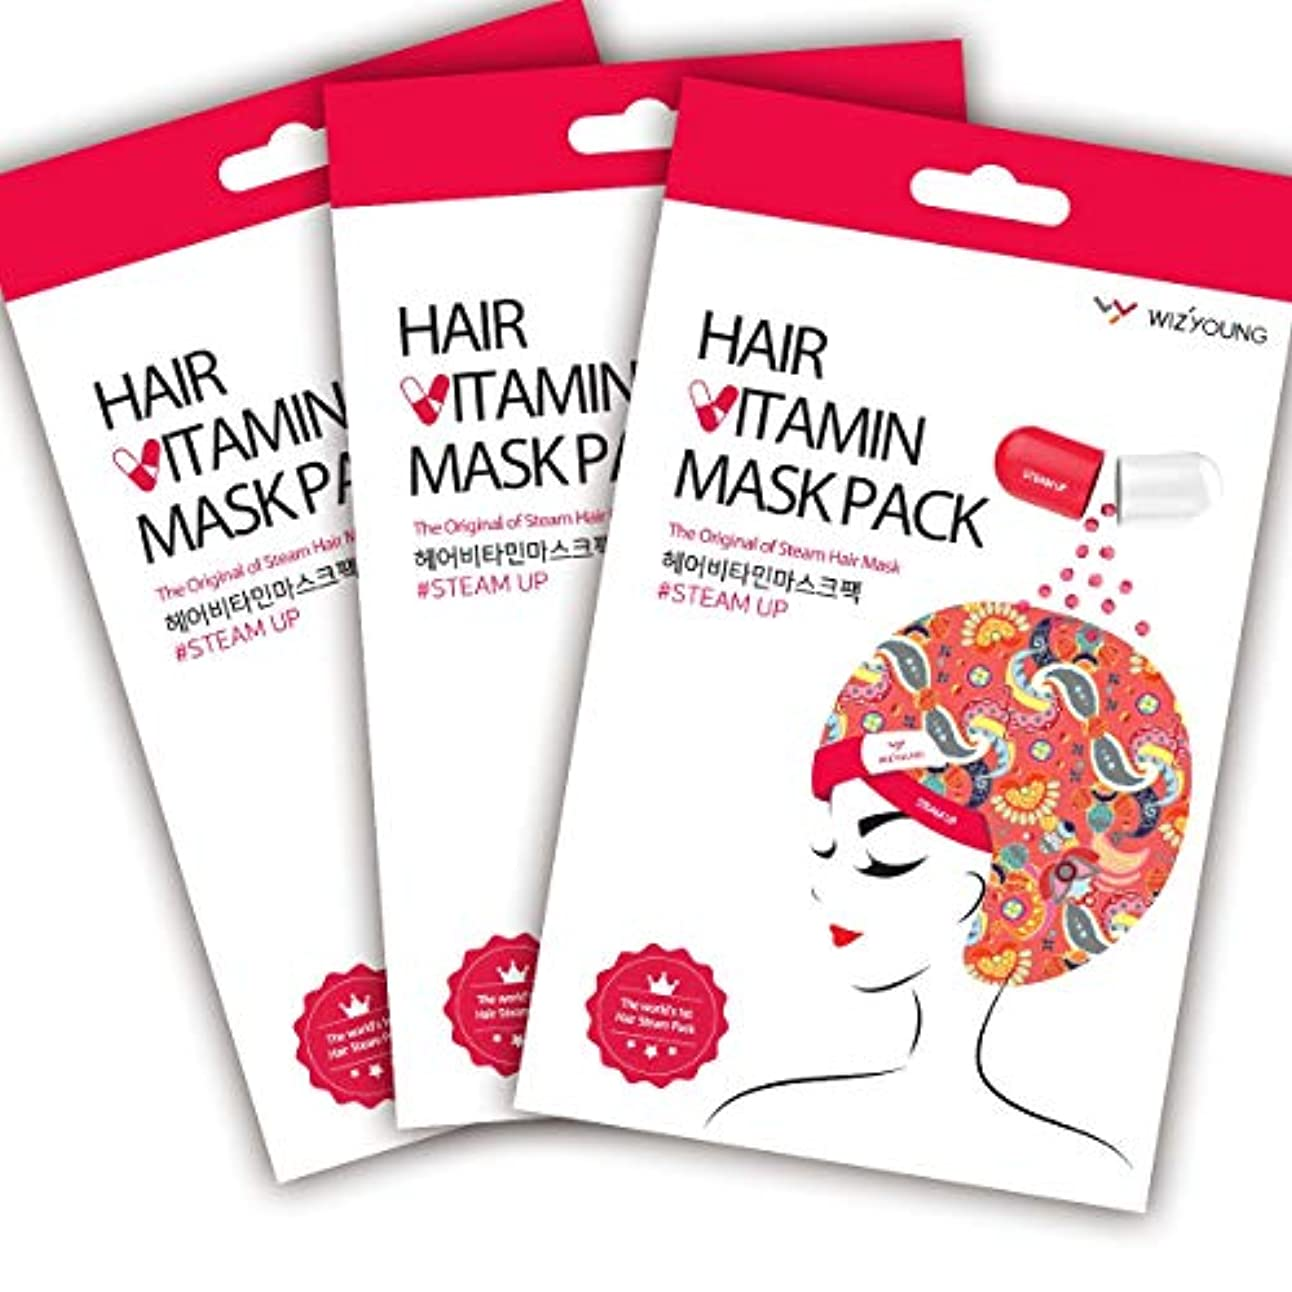 担保ピル優越ヘアビタミンマスクパック スチームアップ 3パックセット HAIR VITAMIN MASK PACK STEAM UP